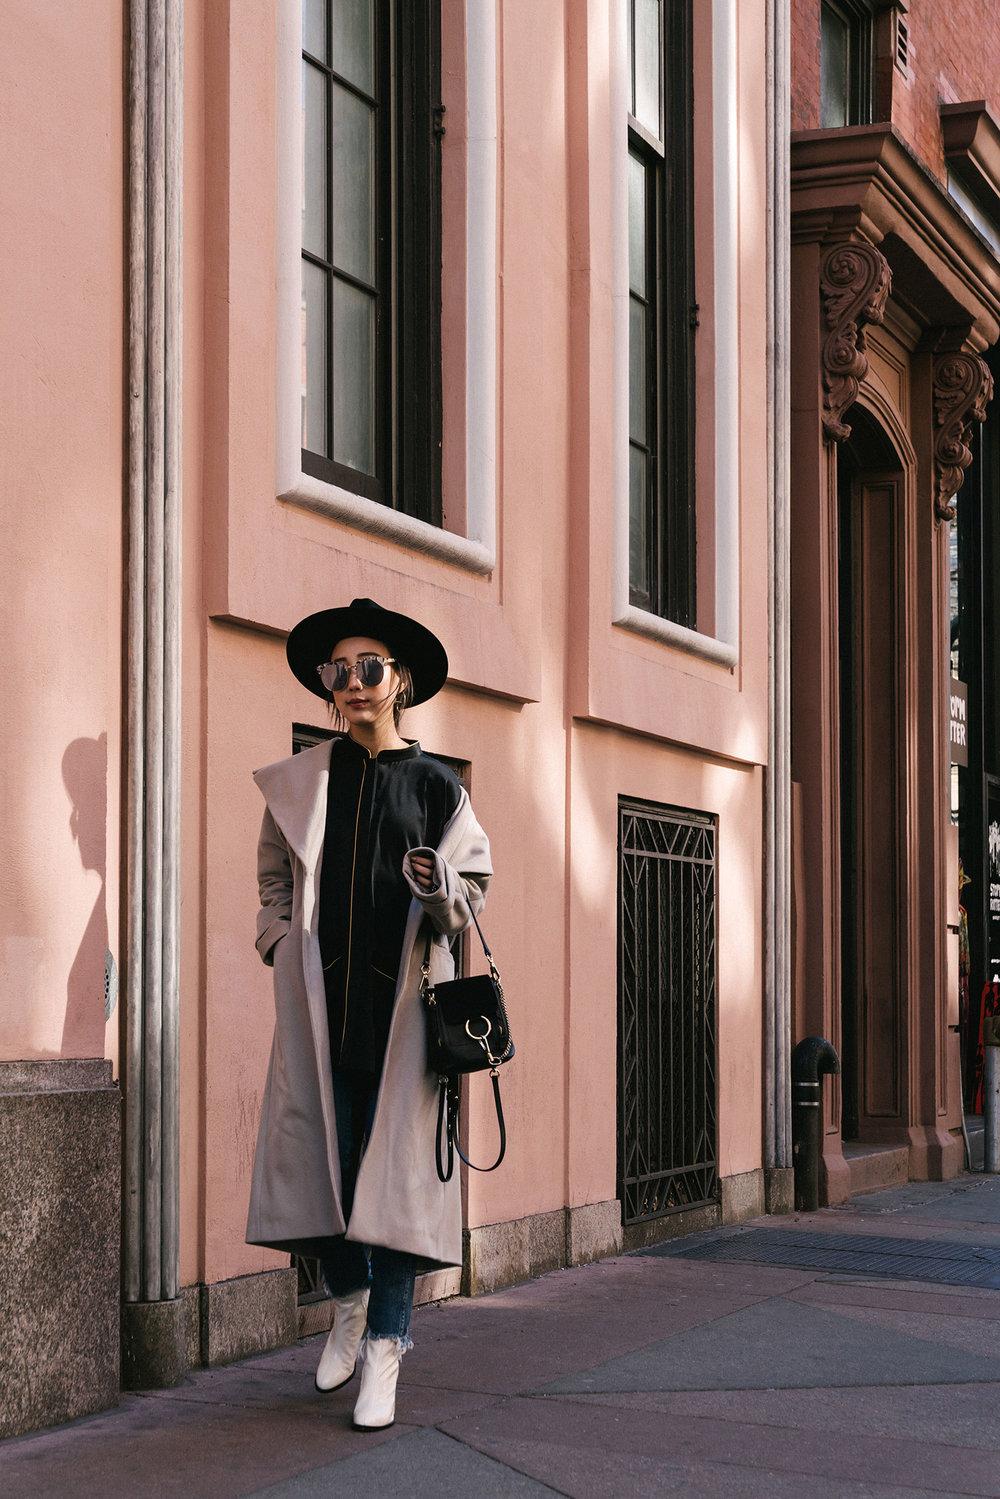 Michelle Waugh Coat, Homeism Top, 3x1 Denim, Dear Frances Boots, Chloé Bag, Gentle Monster Sunglasses, Janessa Leone Hat